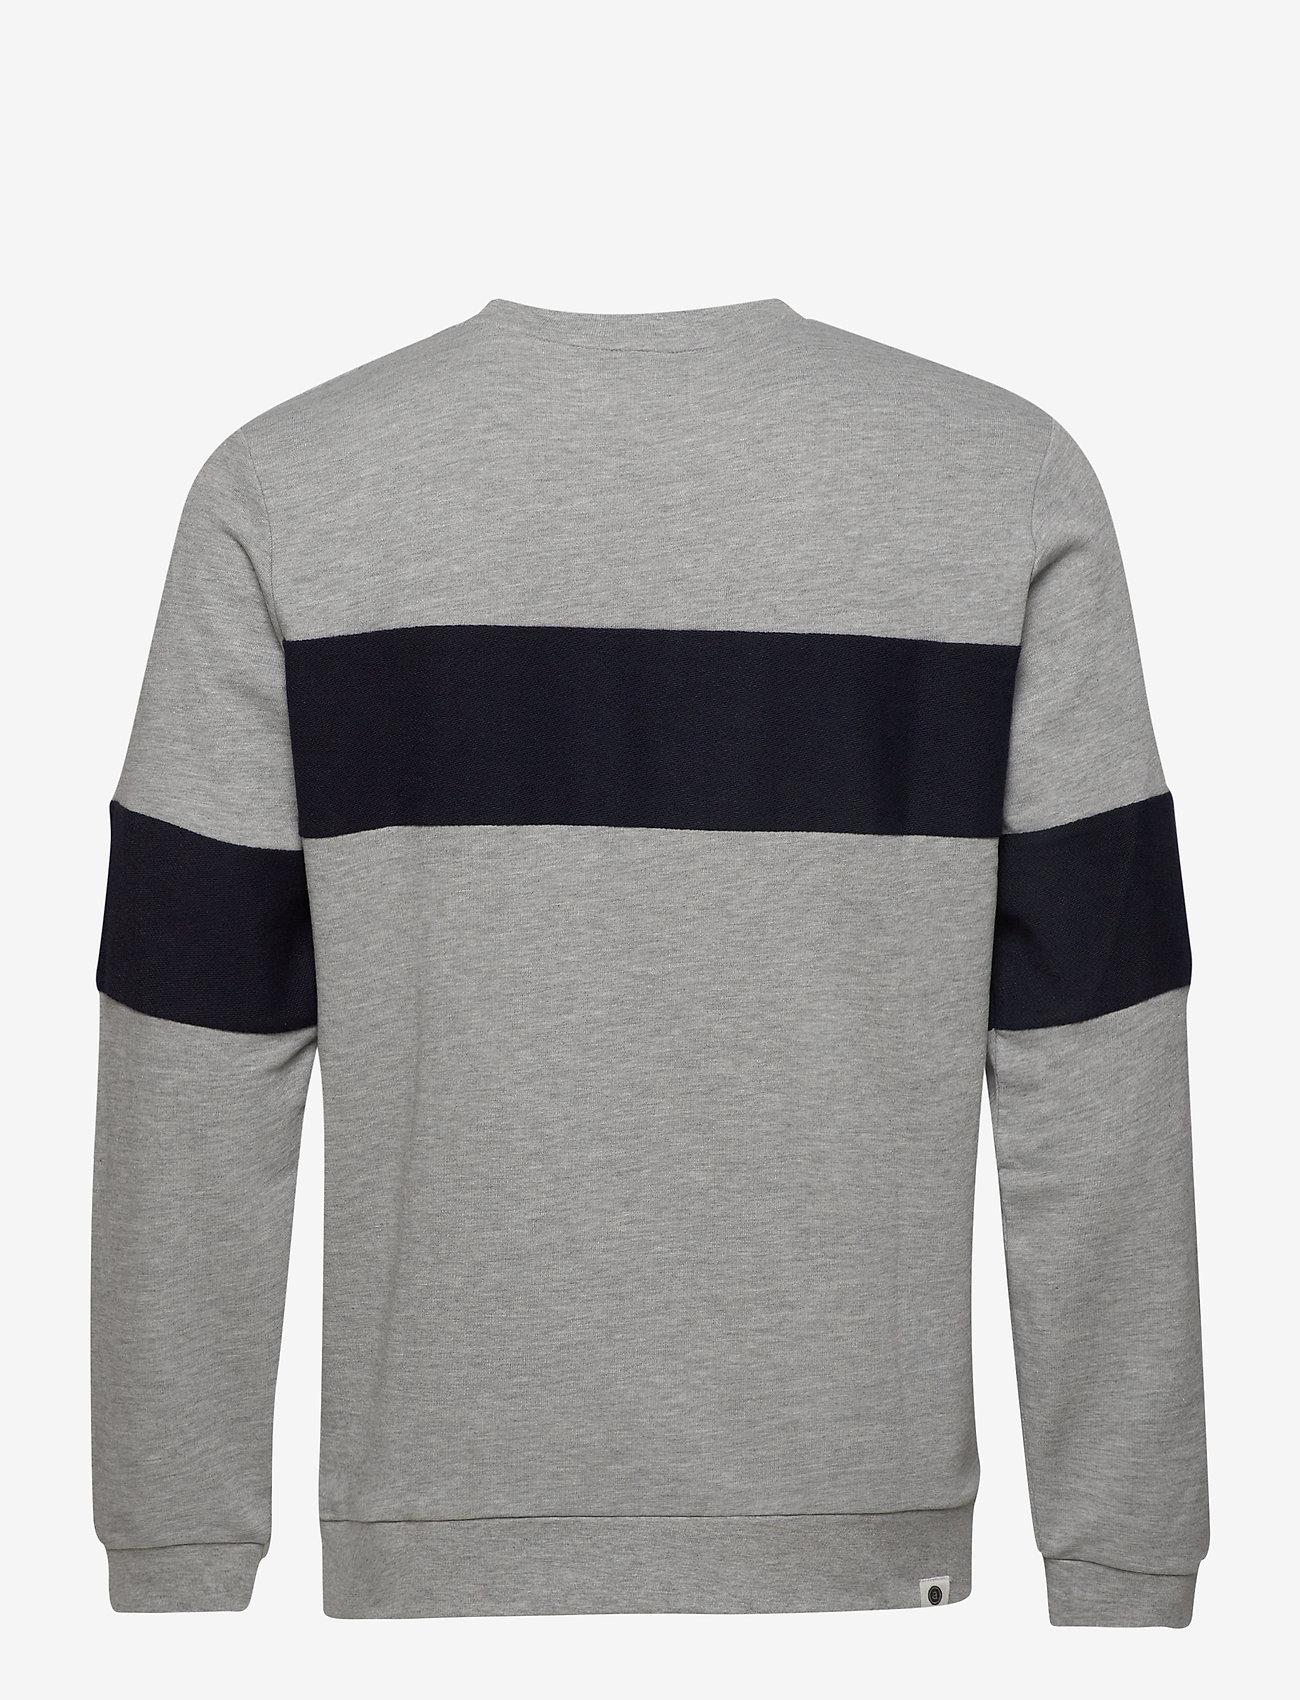 Anerkjendt AKALEX SWEAT - Sweatshirts M L.GREY - Menn Klær